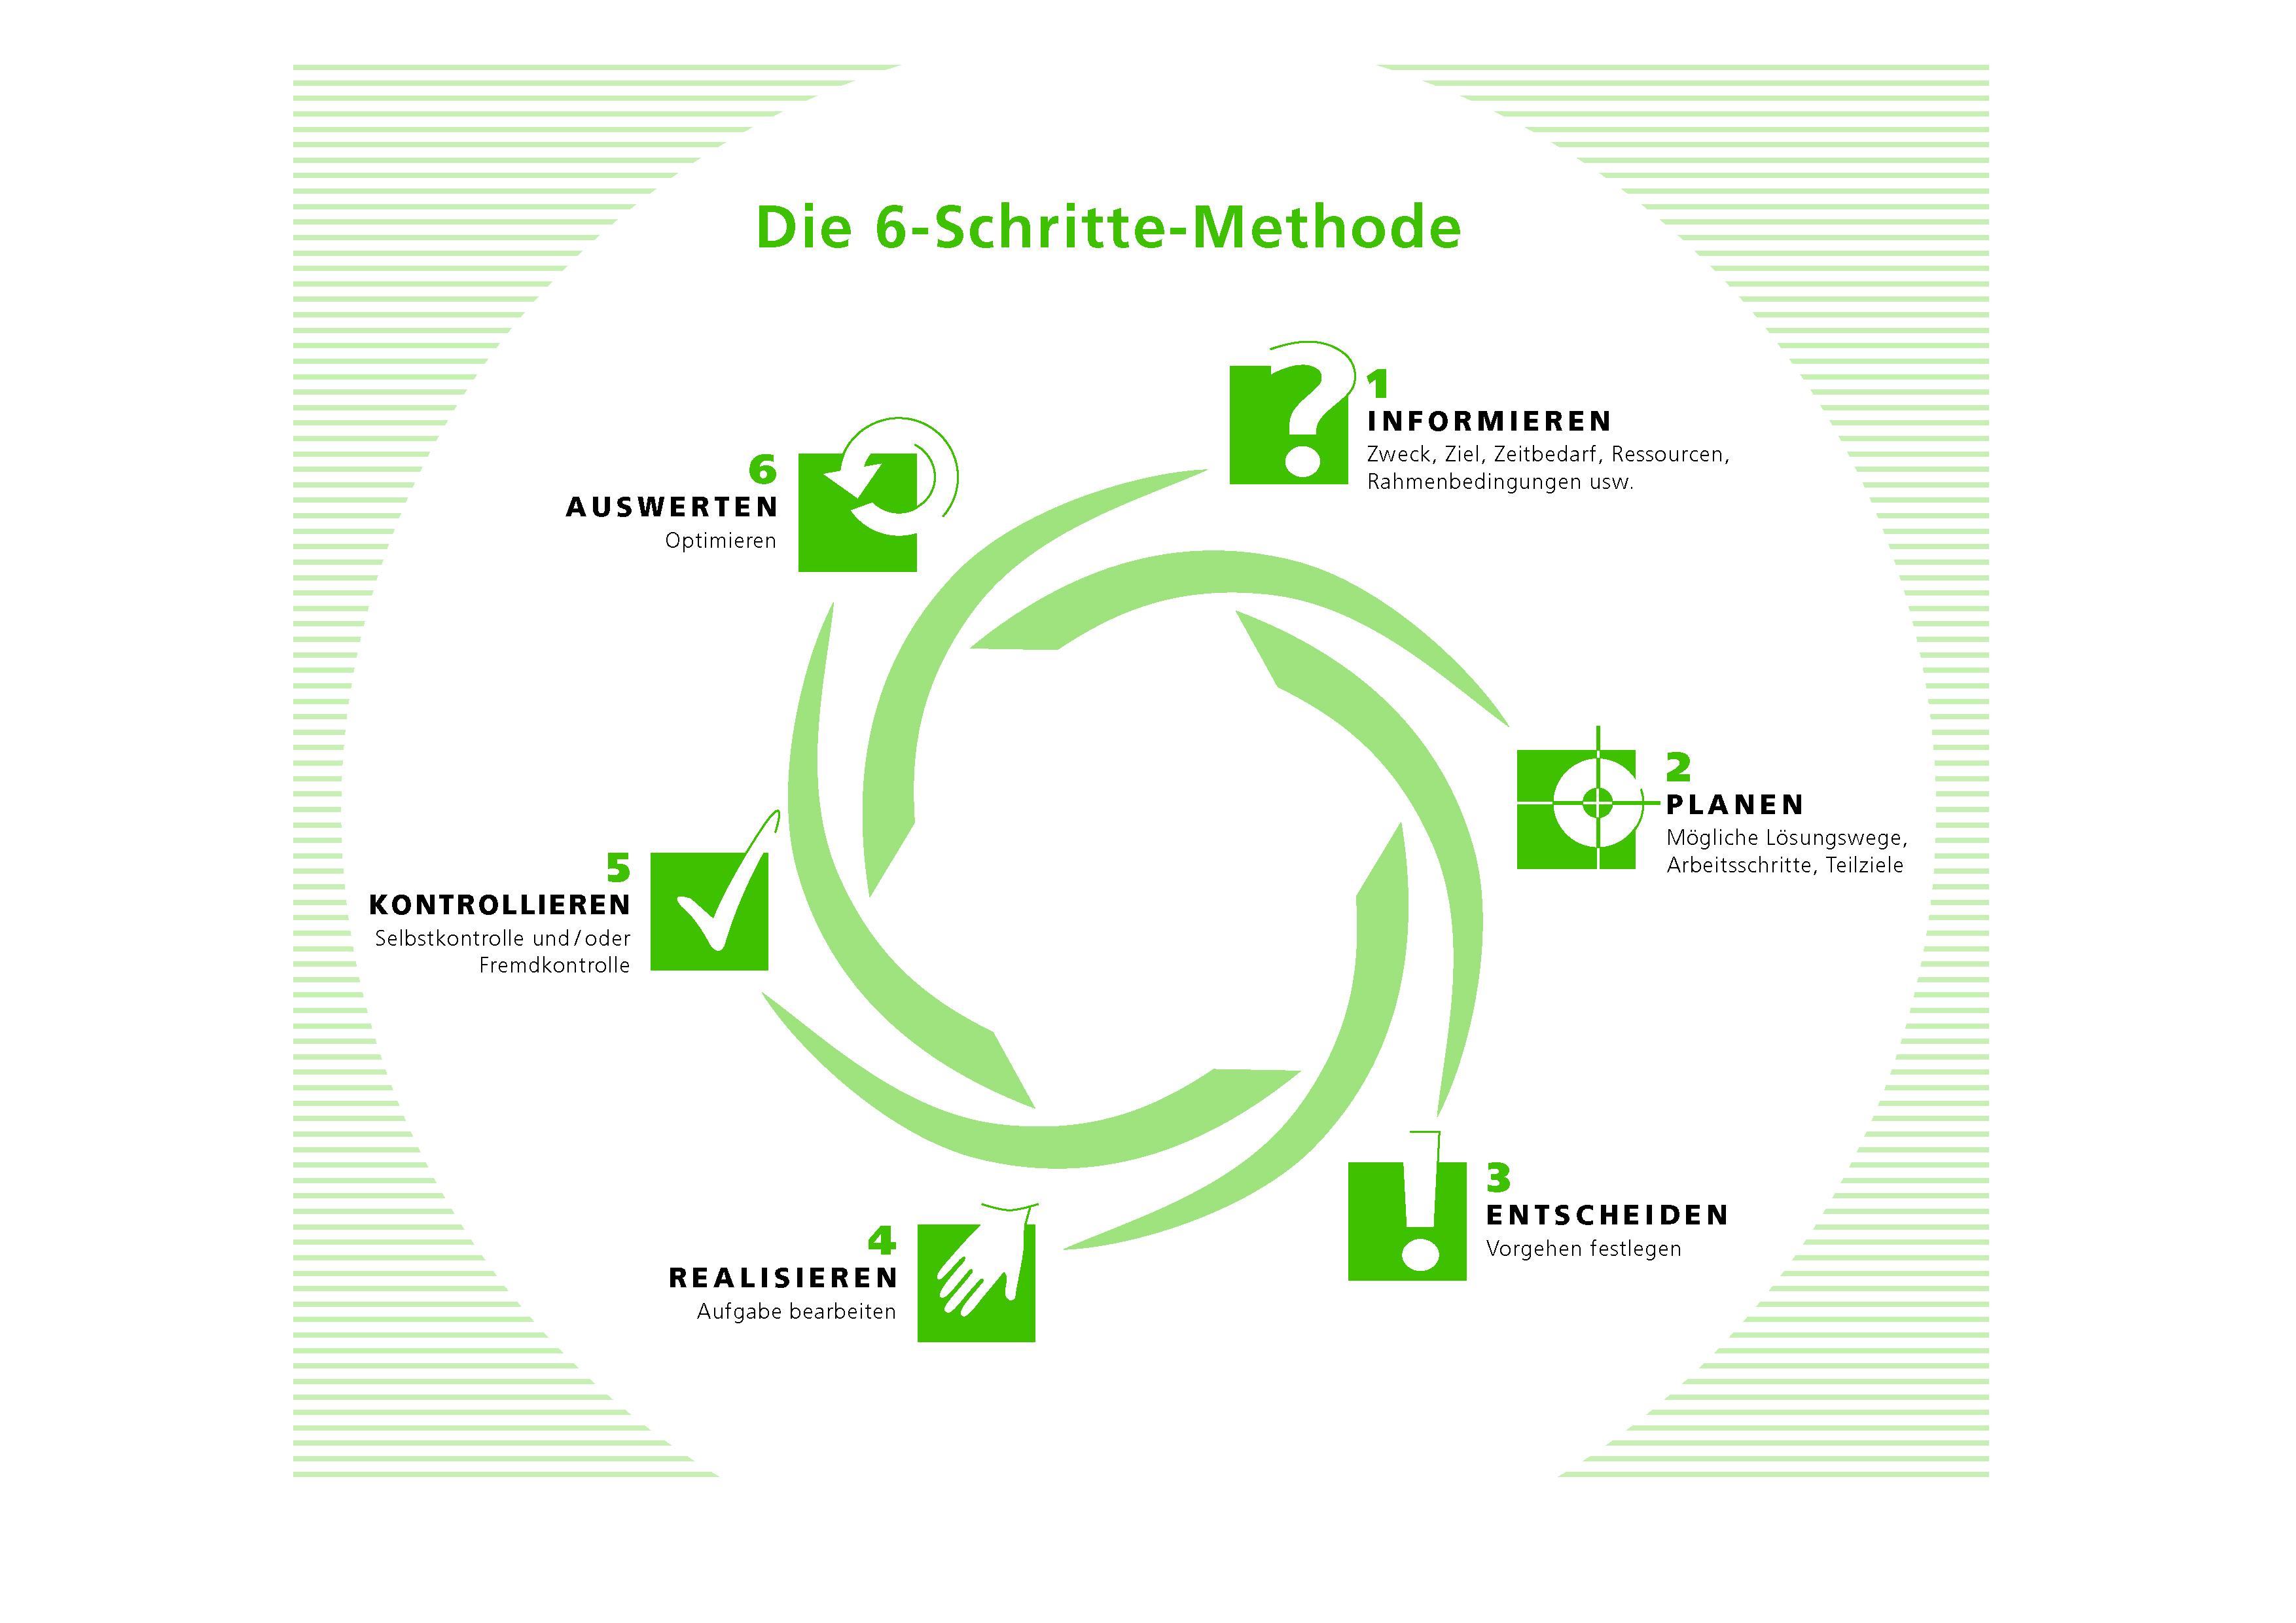 die 6 schritte methode - Qualifikationsprofil Muster